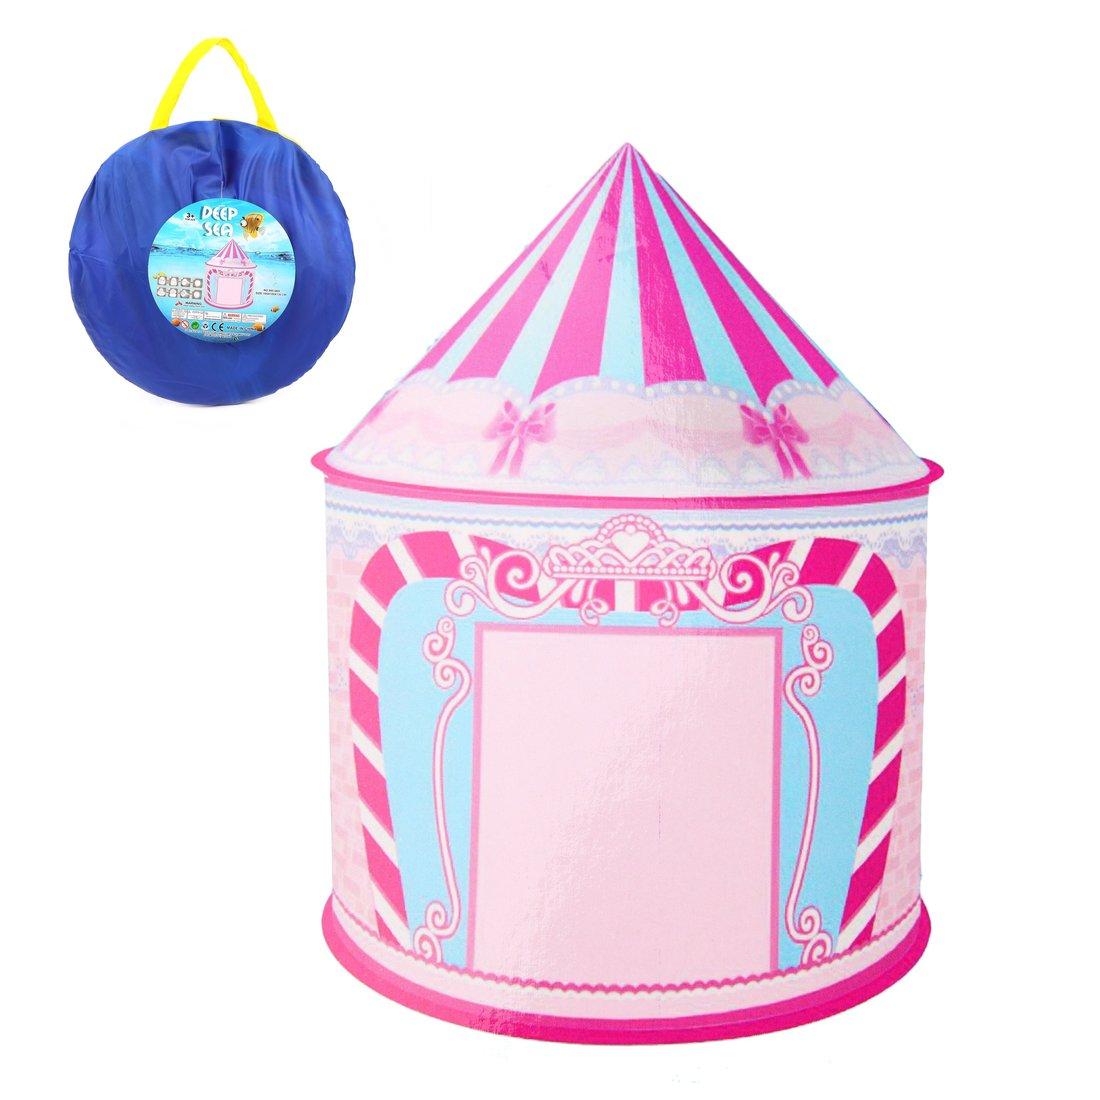 Палатка игровая Замок Принцессы, сумка на молнии